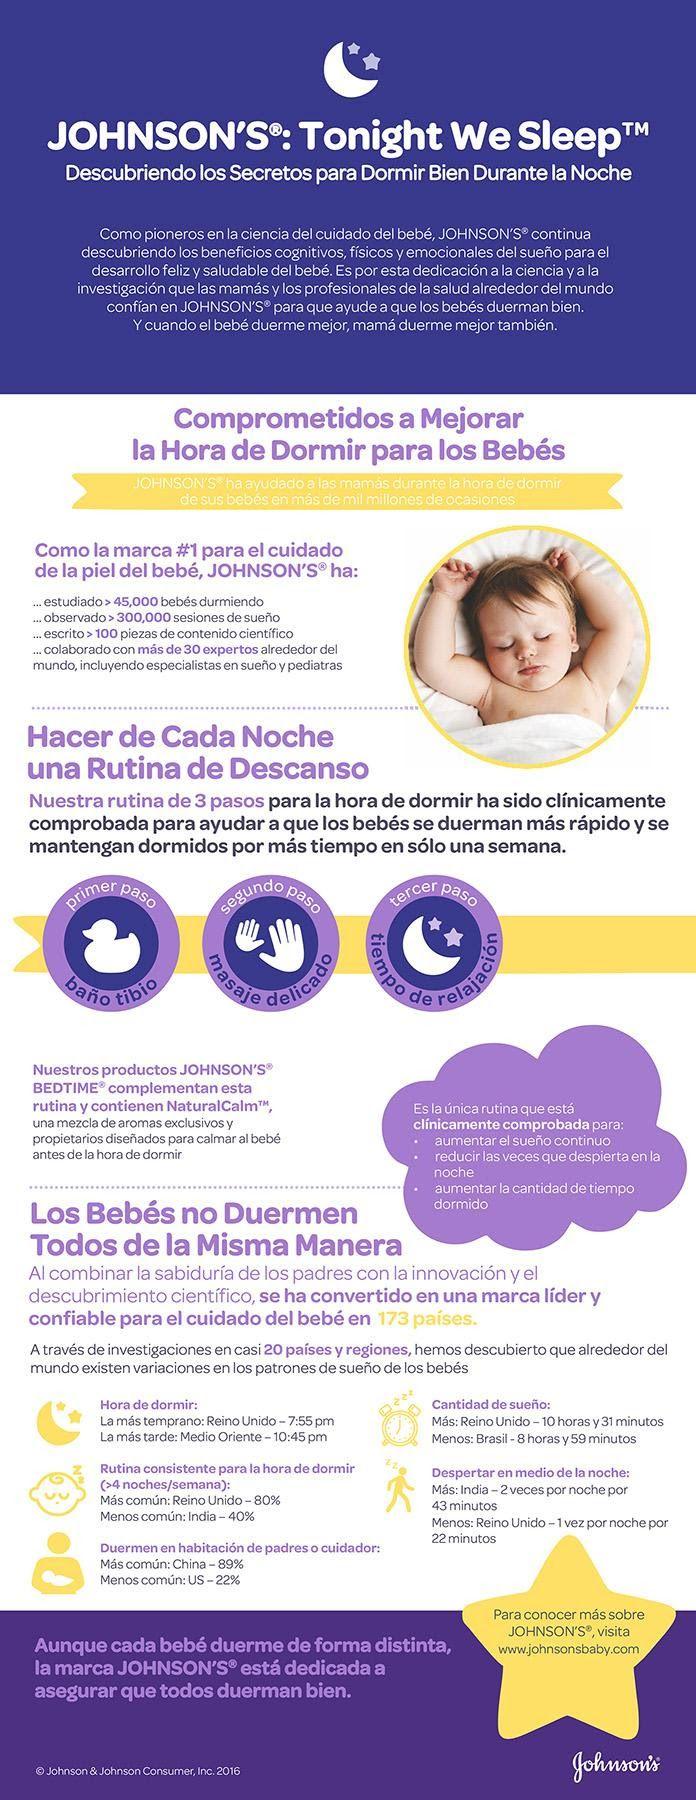 tips para dormir rapido a un bebe